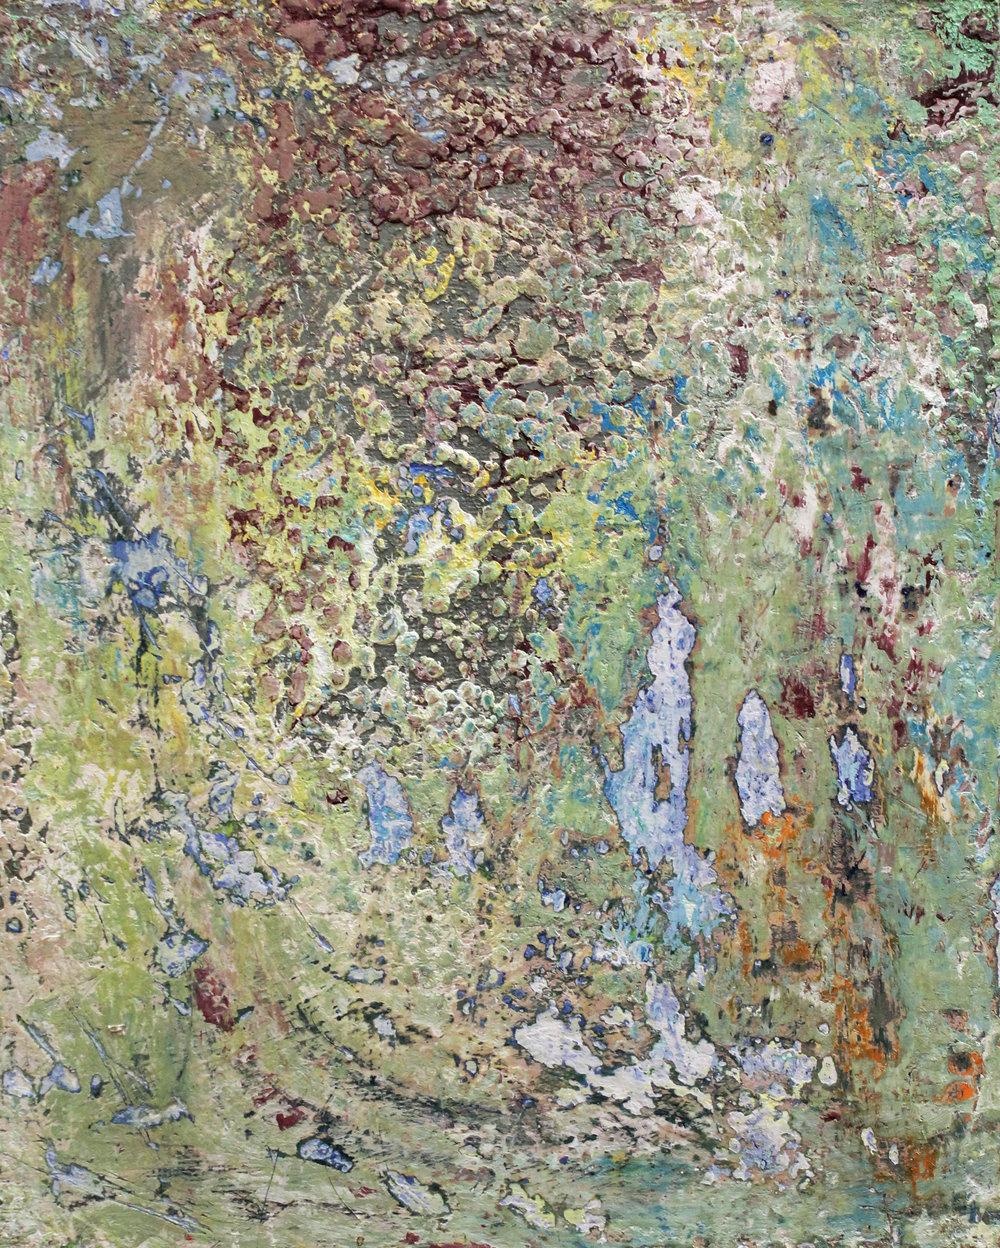 Jacqueline Ferrante, Scrape I, 2018, Acrylic on board, 10 x 8 inches